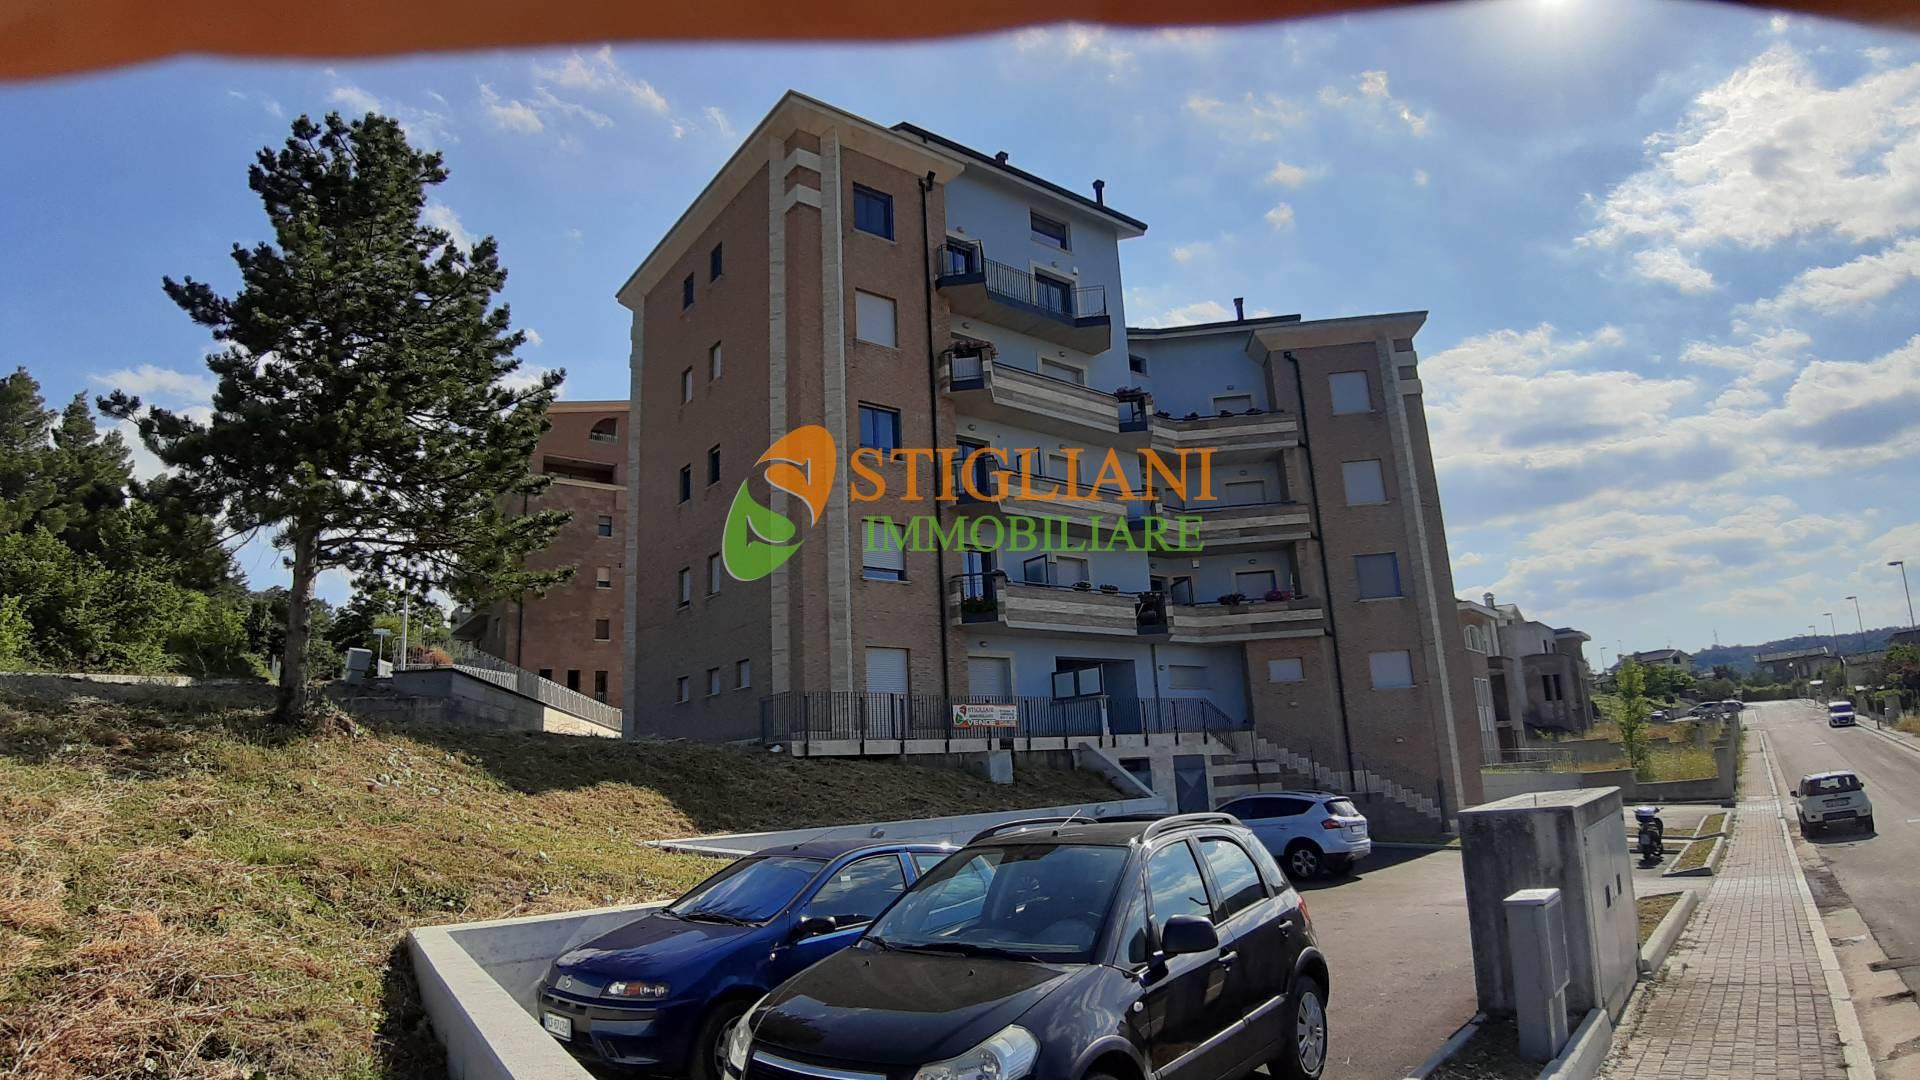 Appartamento in vendita a Campobasso, 3 locali, zona Località: Periferia, prezzo € 124.000 | PortaleAgenzieImmobiliari.it